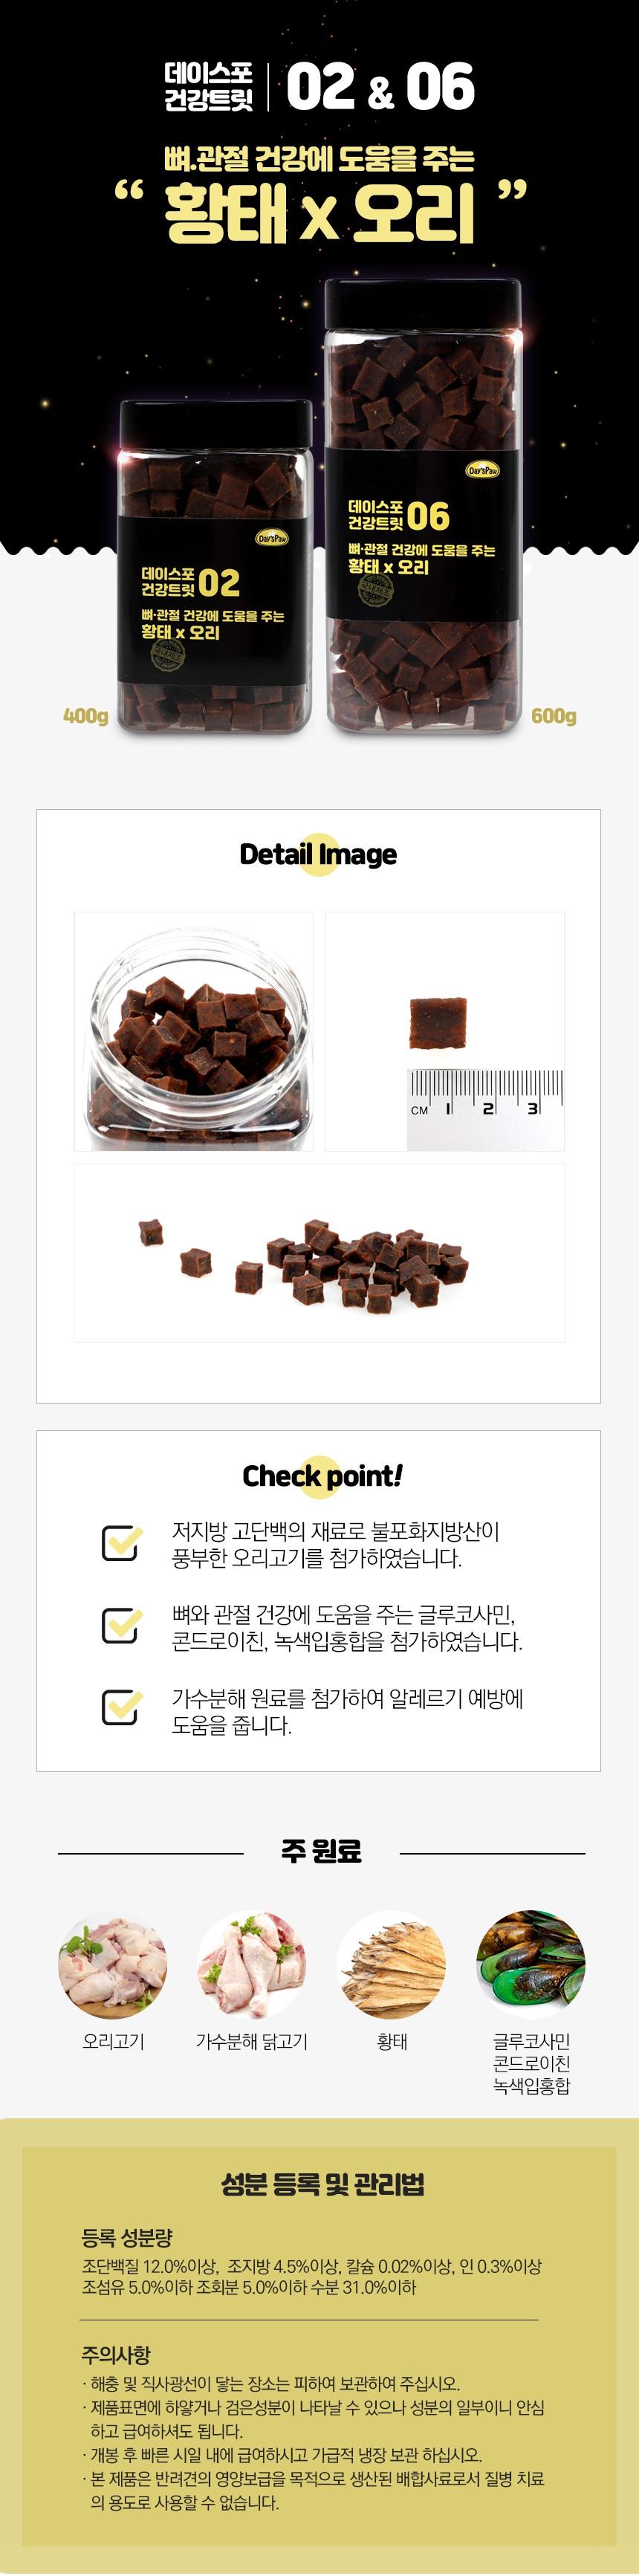 데이스포 눈/종합/관절 트릿 (400g)-상품이미지-4